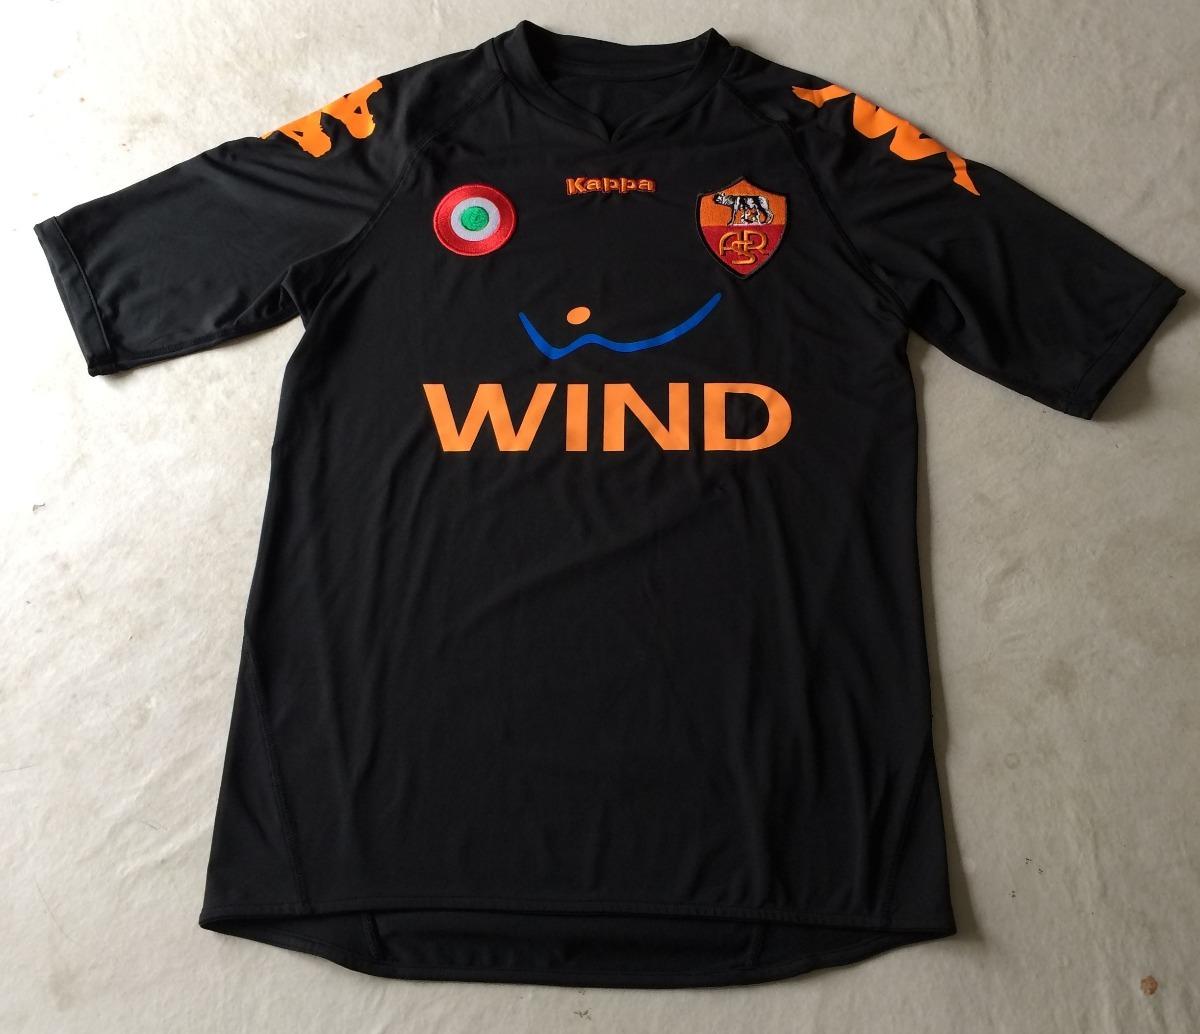 camisa as roma kappa m futebol calcio away. Carregando zoom. 31a64e79f2e27